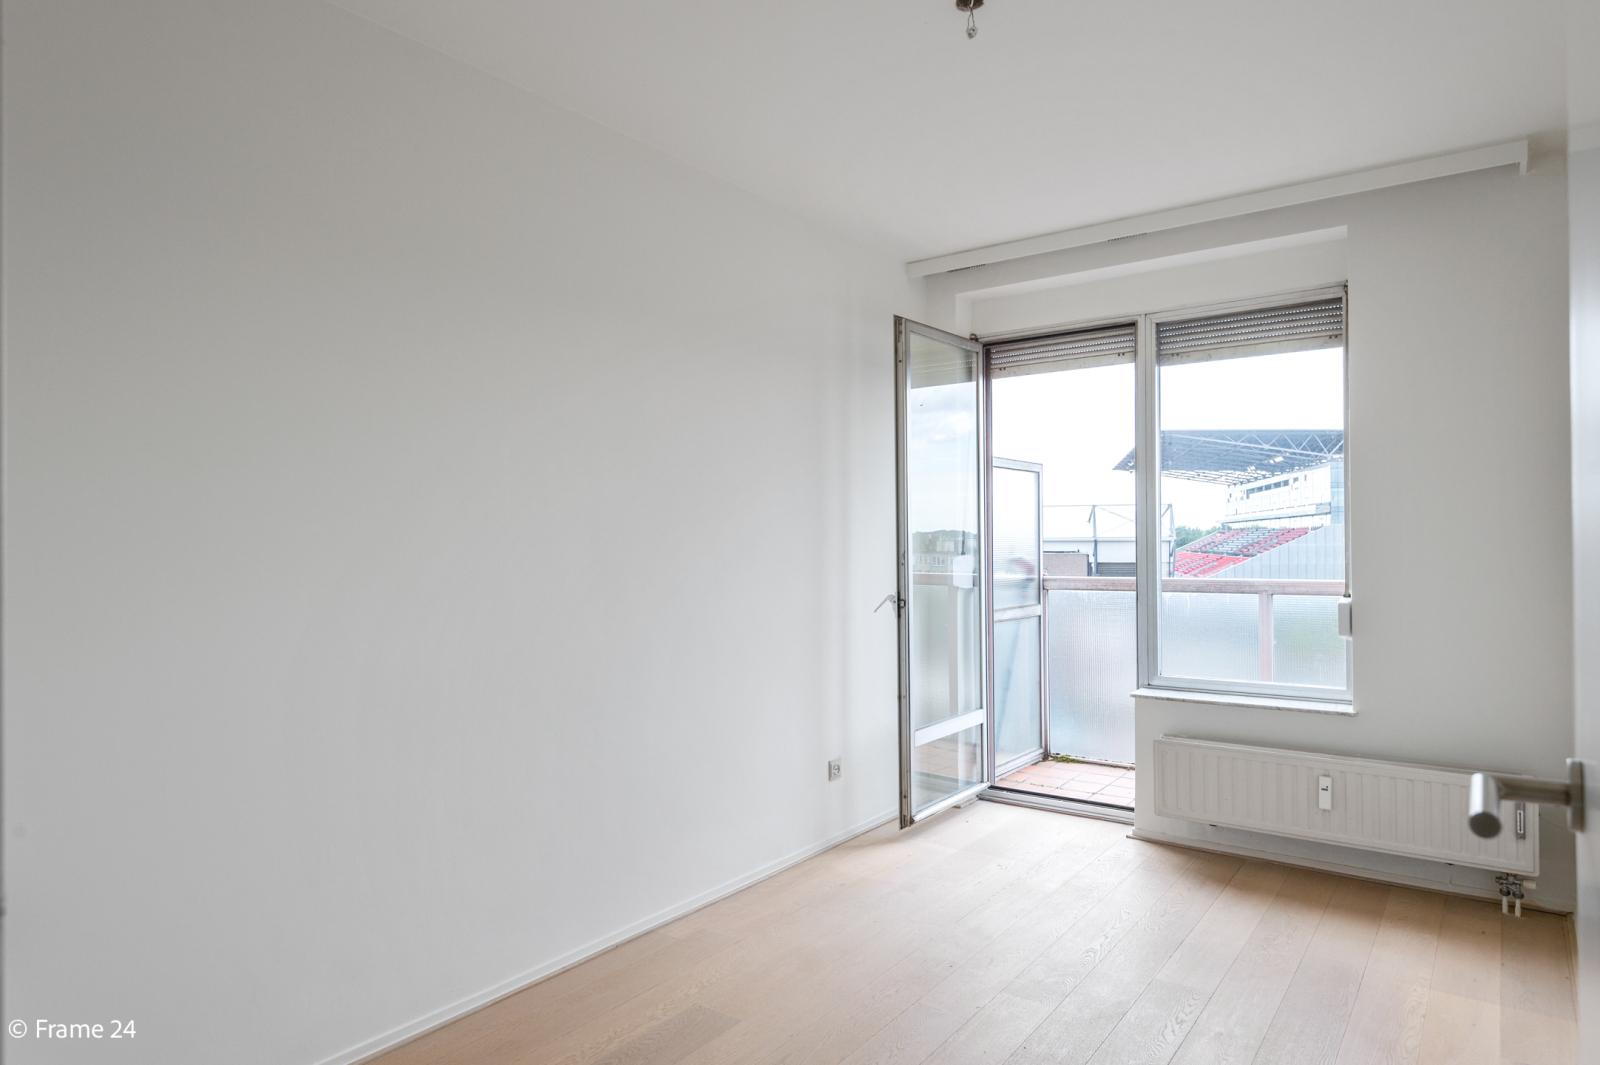 Vernieuwd appartement met twee slaapkamers op centrale locatie te Deurne! afbeelding 9